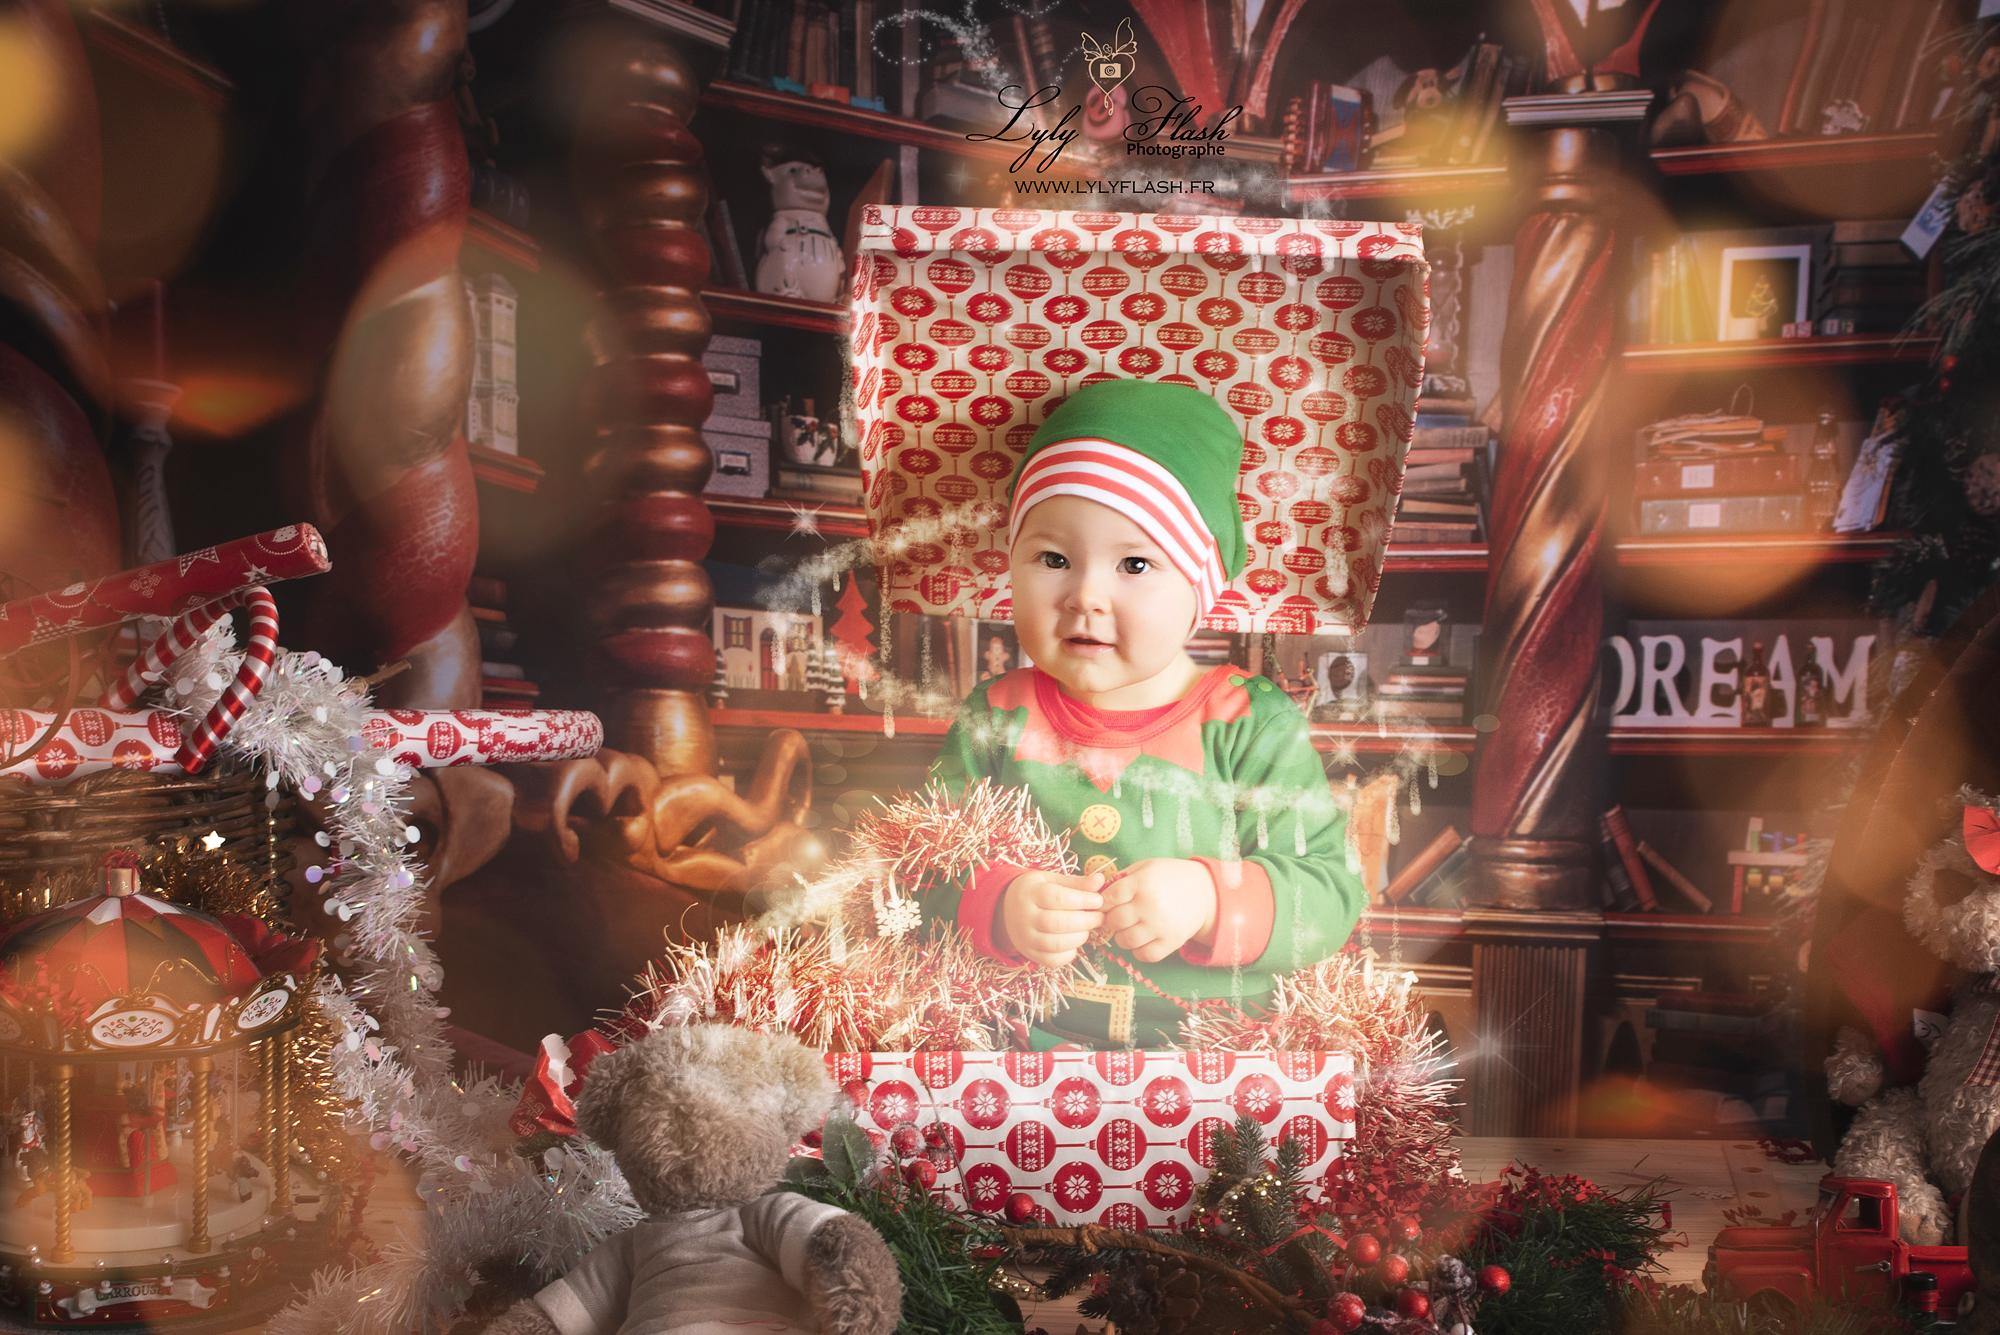 Un décor magique et féerique pour noël. Studio photo lyly flash et le christmas addict